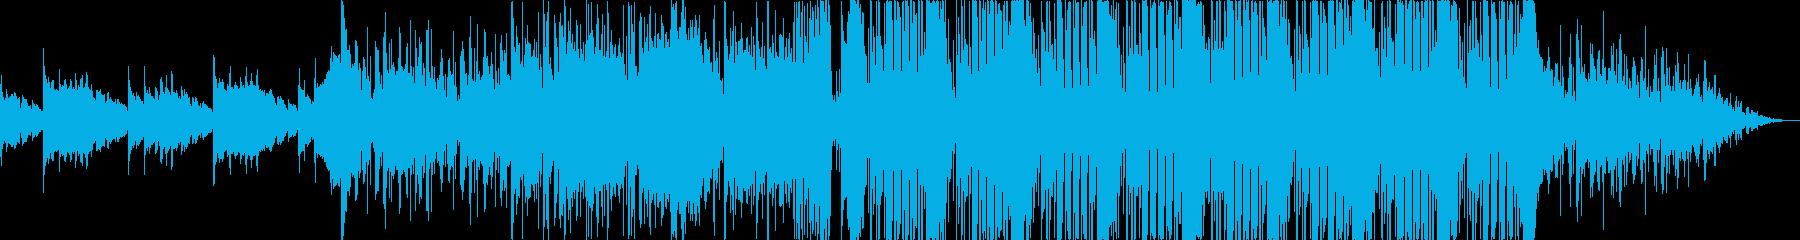 明るくおしゃれで爽やかなエレクトロの再生済みの波形